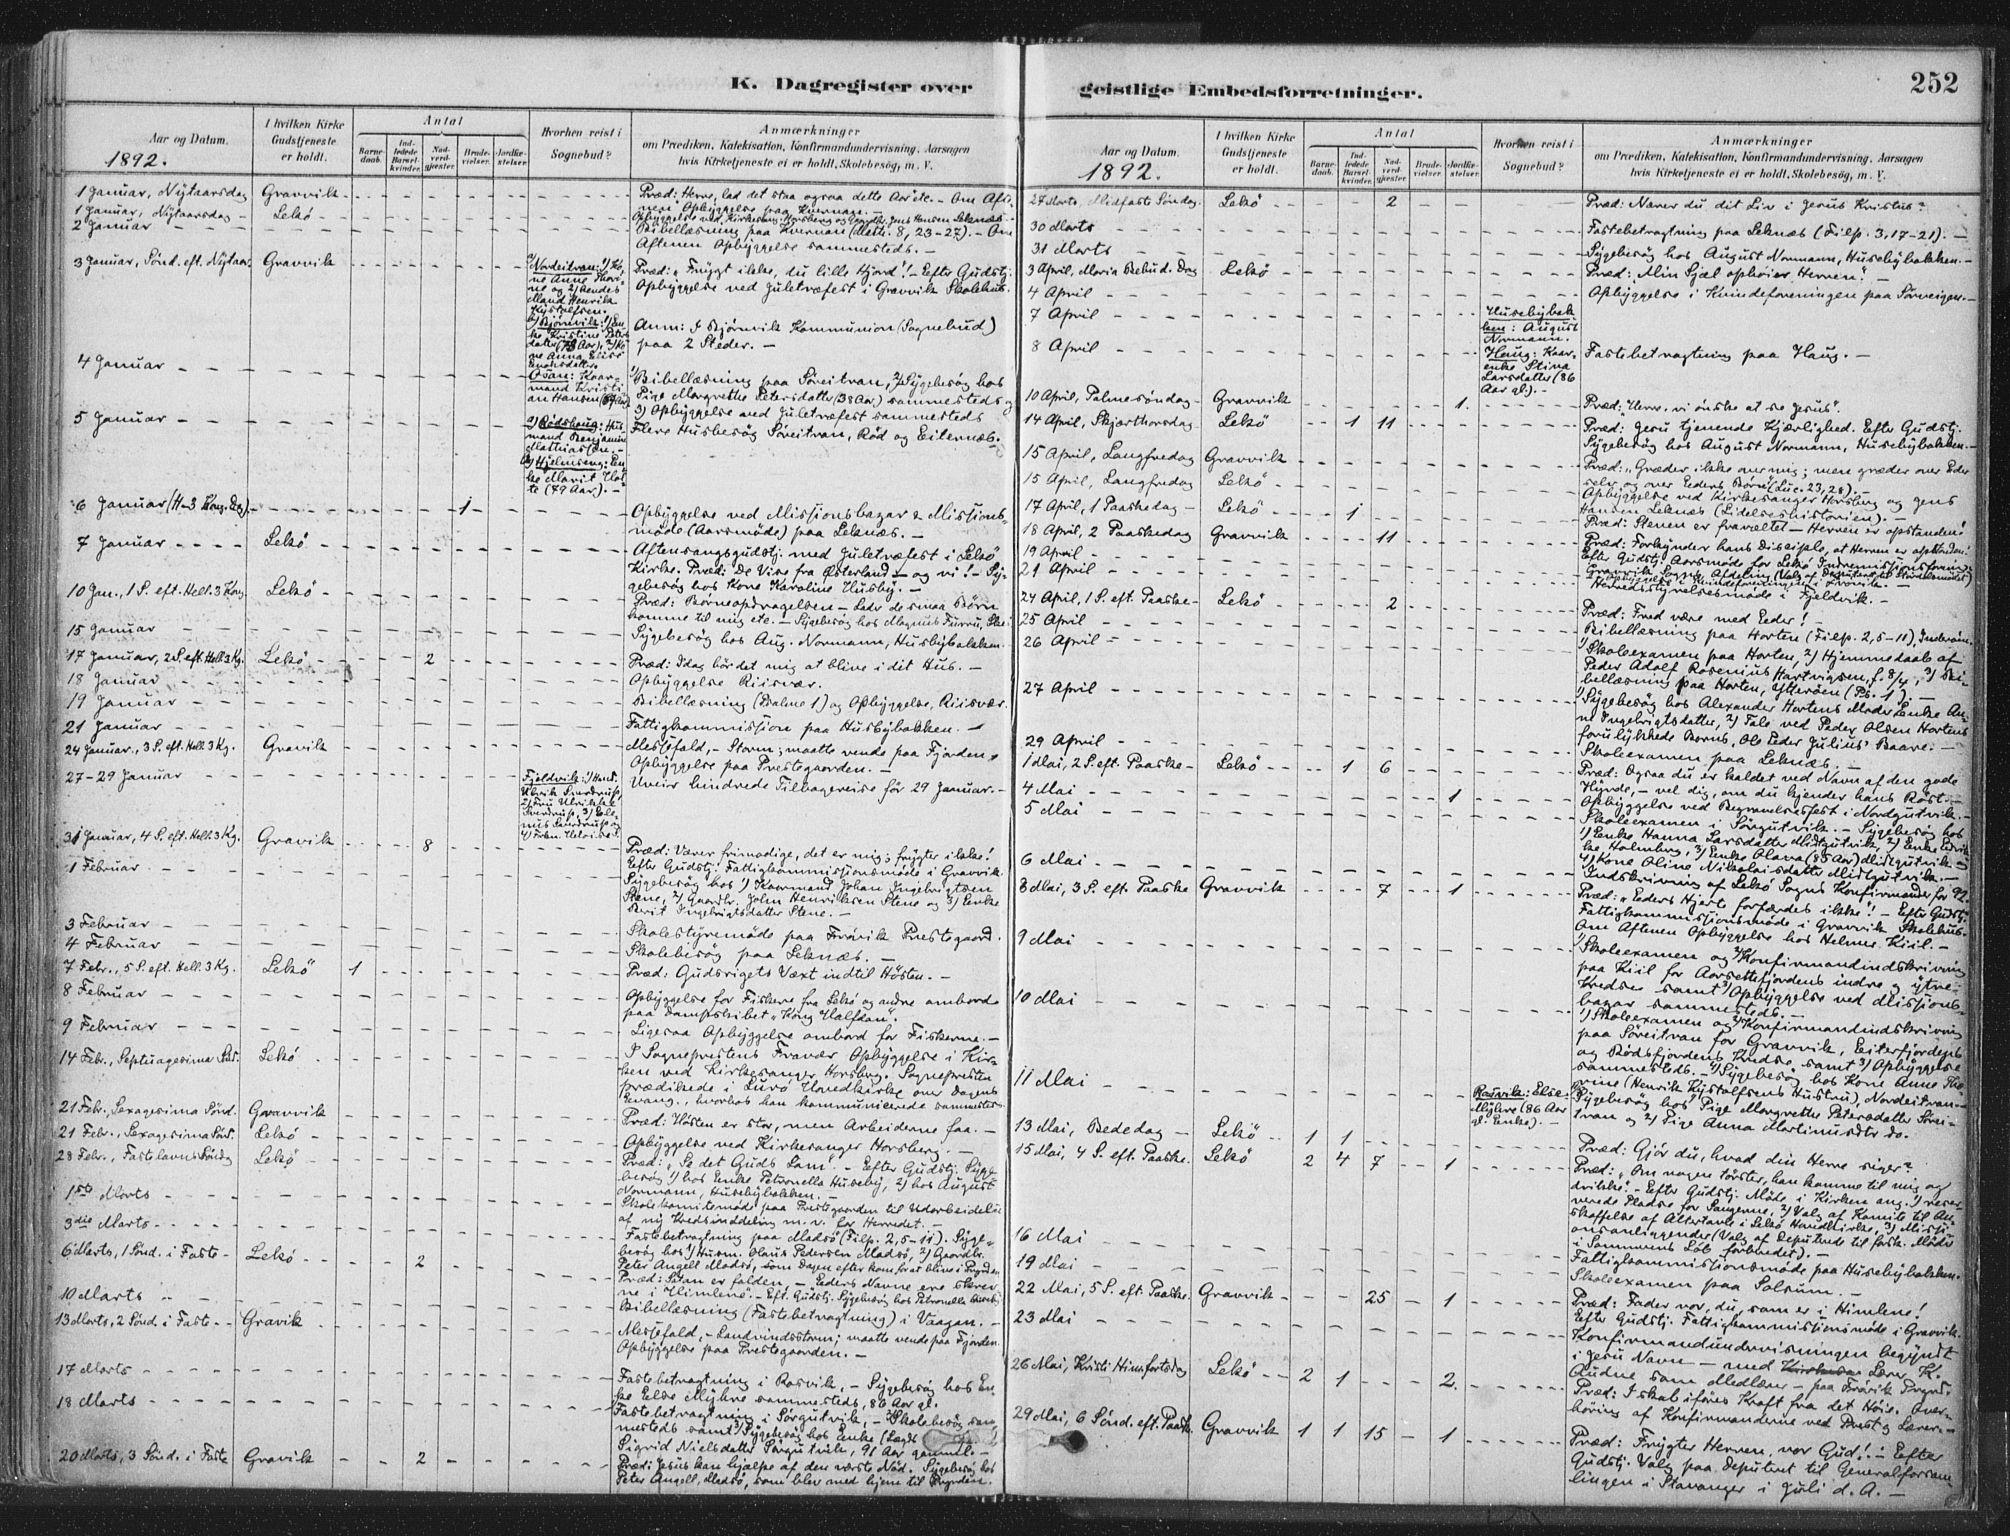 SAT, Ministerialprotokoller, klokkerbøker og fødselsregistre - Nord-Trøndelag, 788/L0697: Ministerialbok nr. 788A04, 1878-1902, s. 252